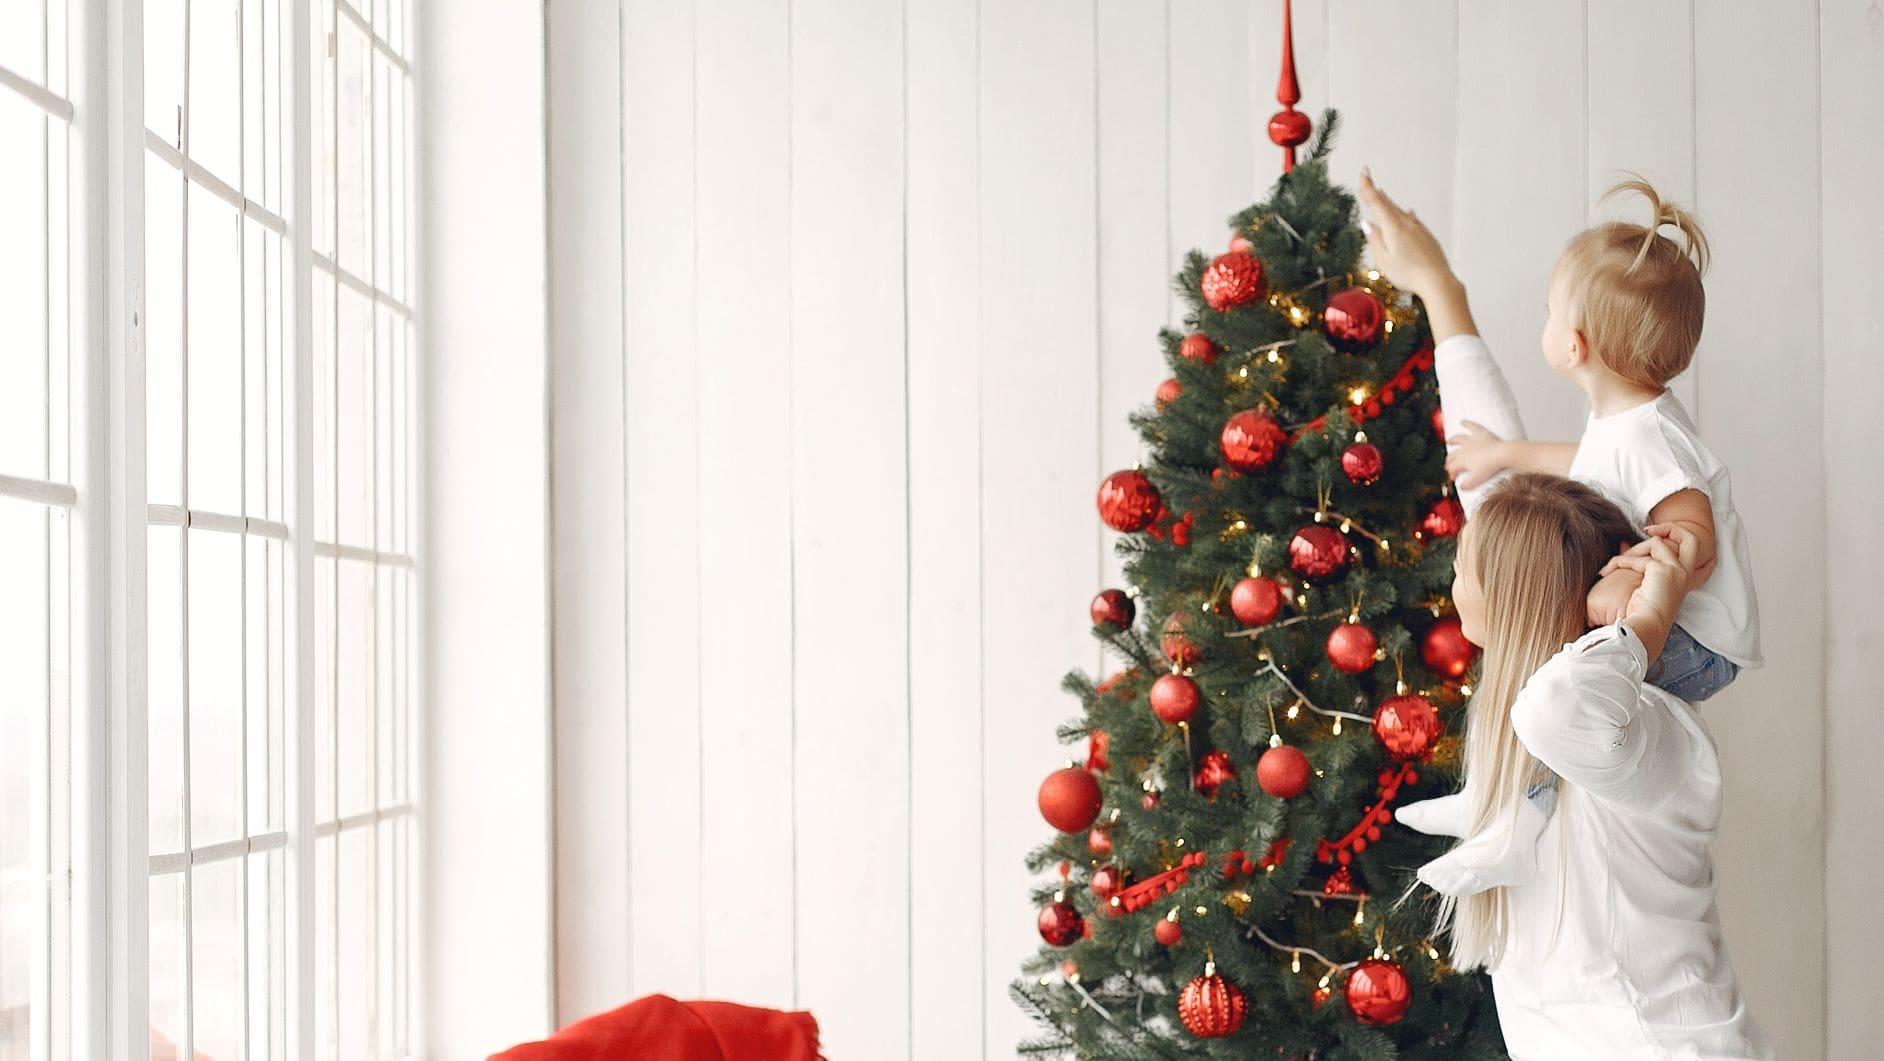 mujer señalando un árbol de navidad